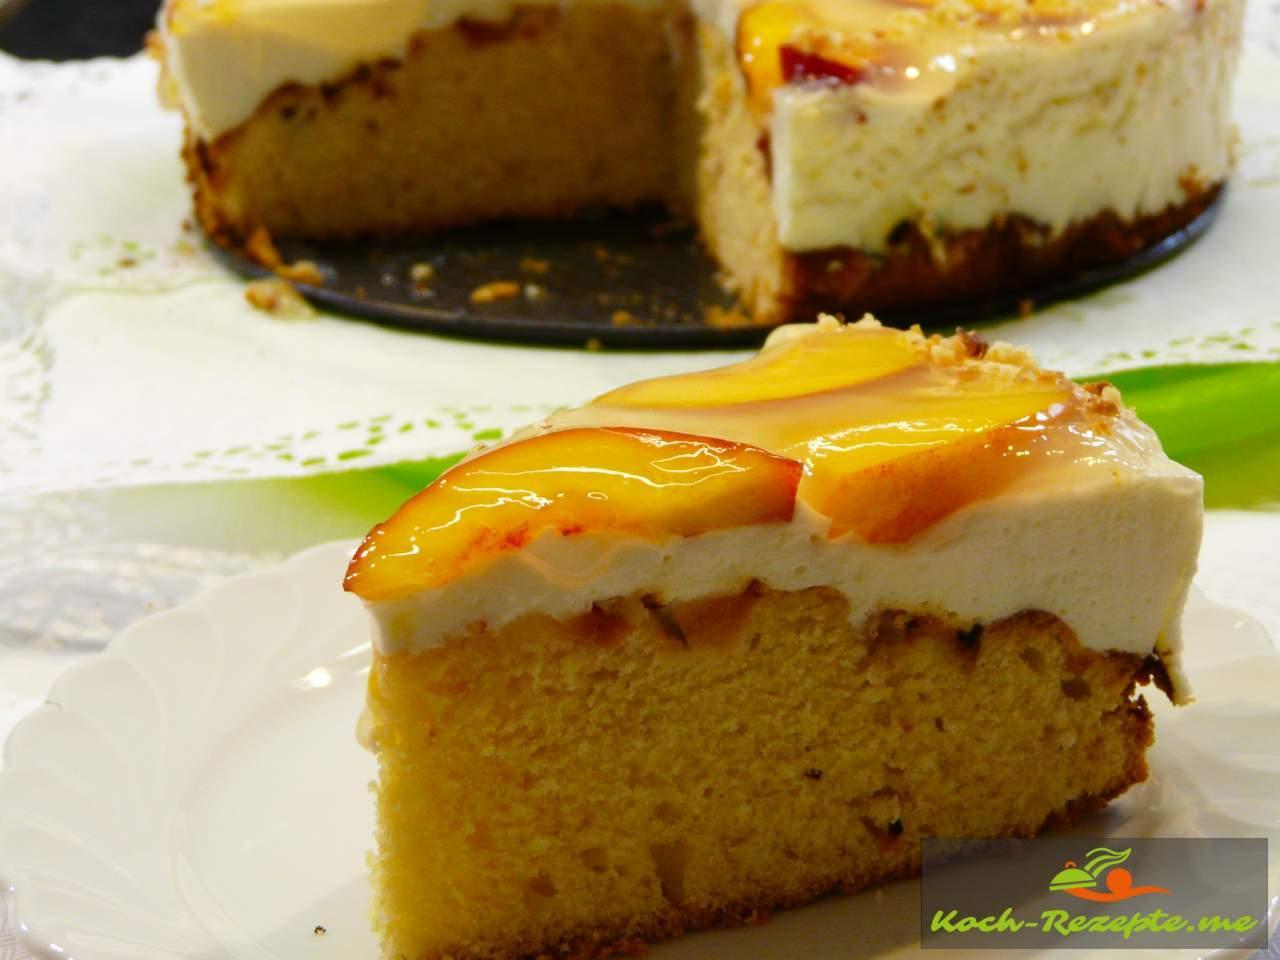 Nektarinen Torte